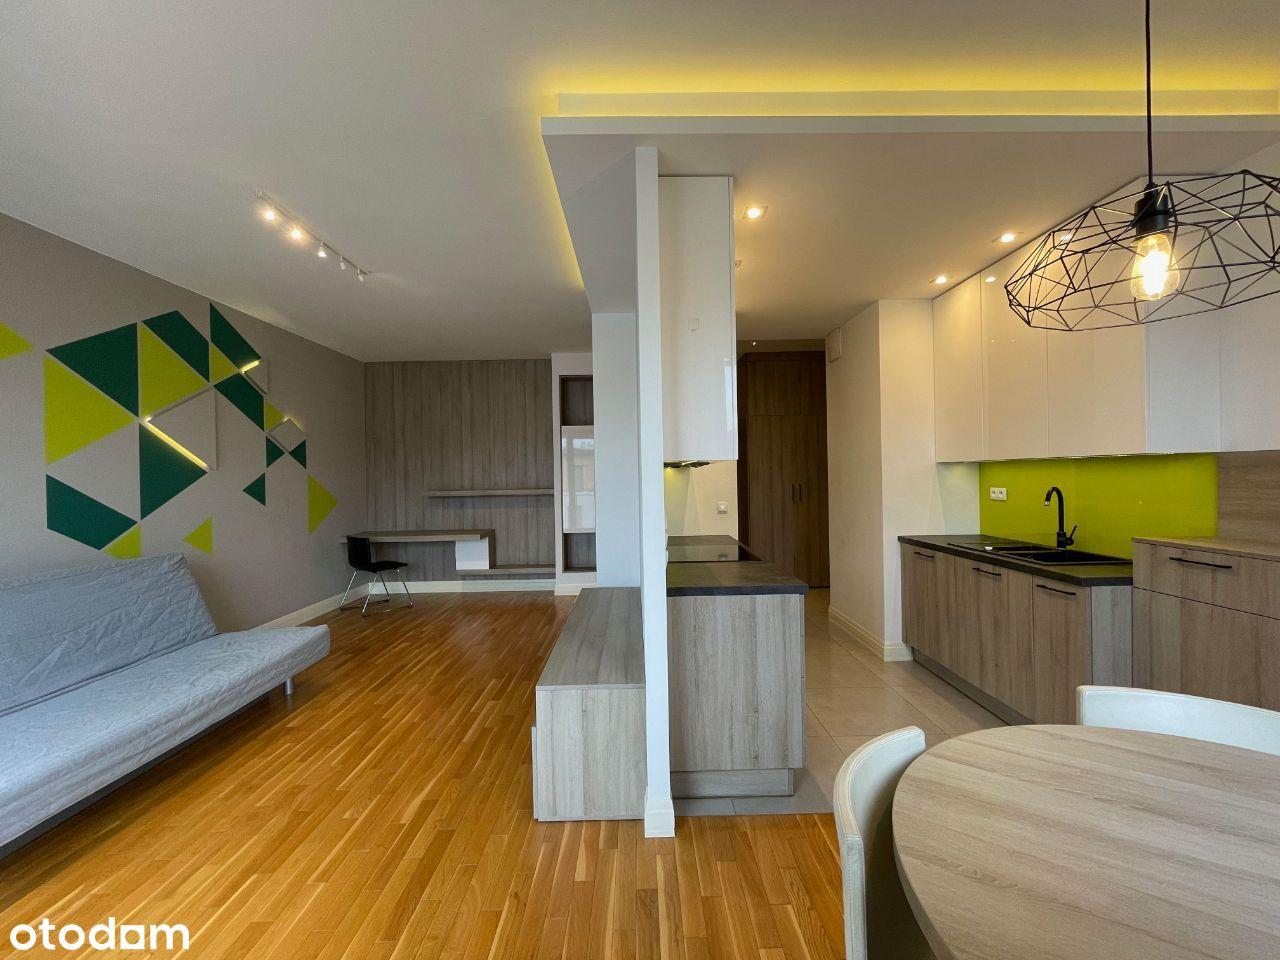 Mieszkanie na Wilanowie, nowe, wygodne, estetyczne